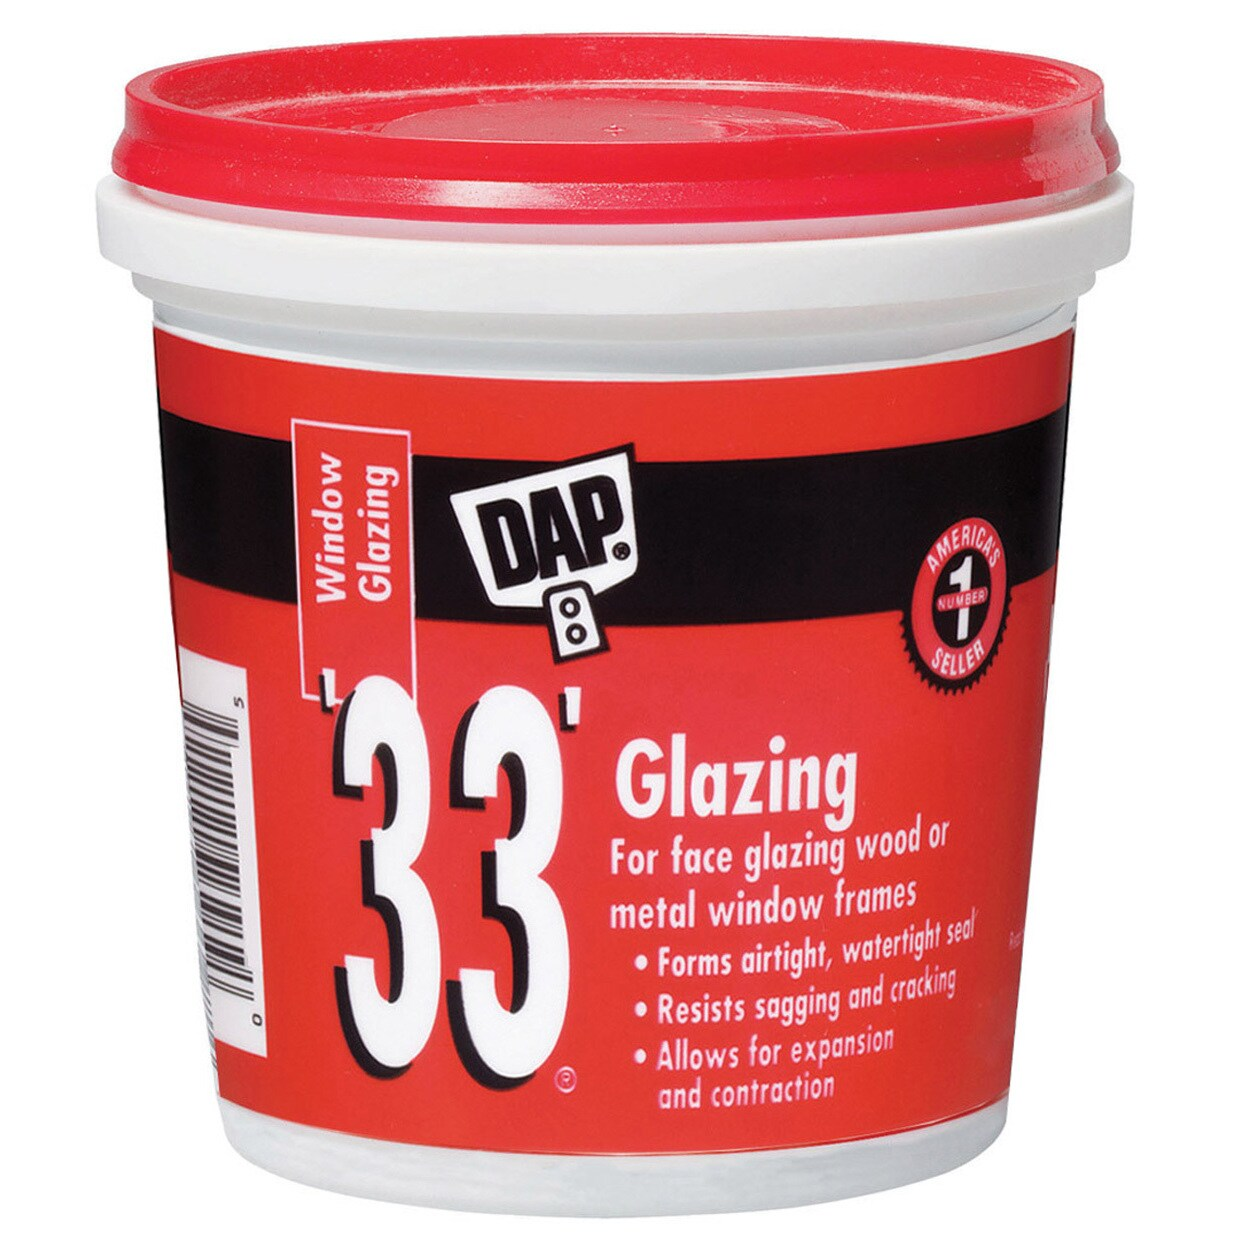 DAP 12121 1 Pint 33 Glazing Compound White Pint (Mirrors ...